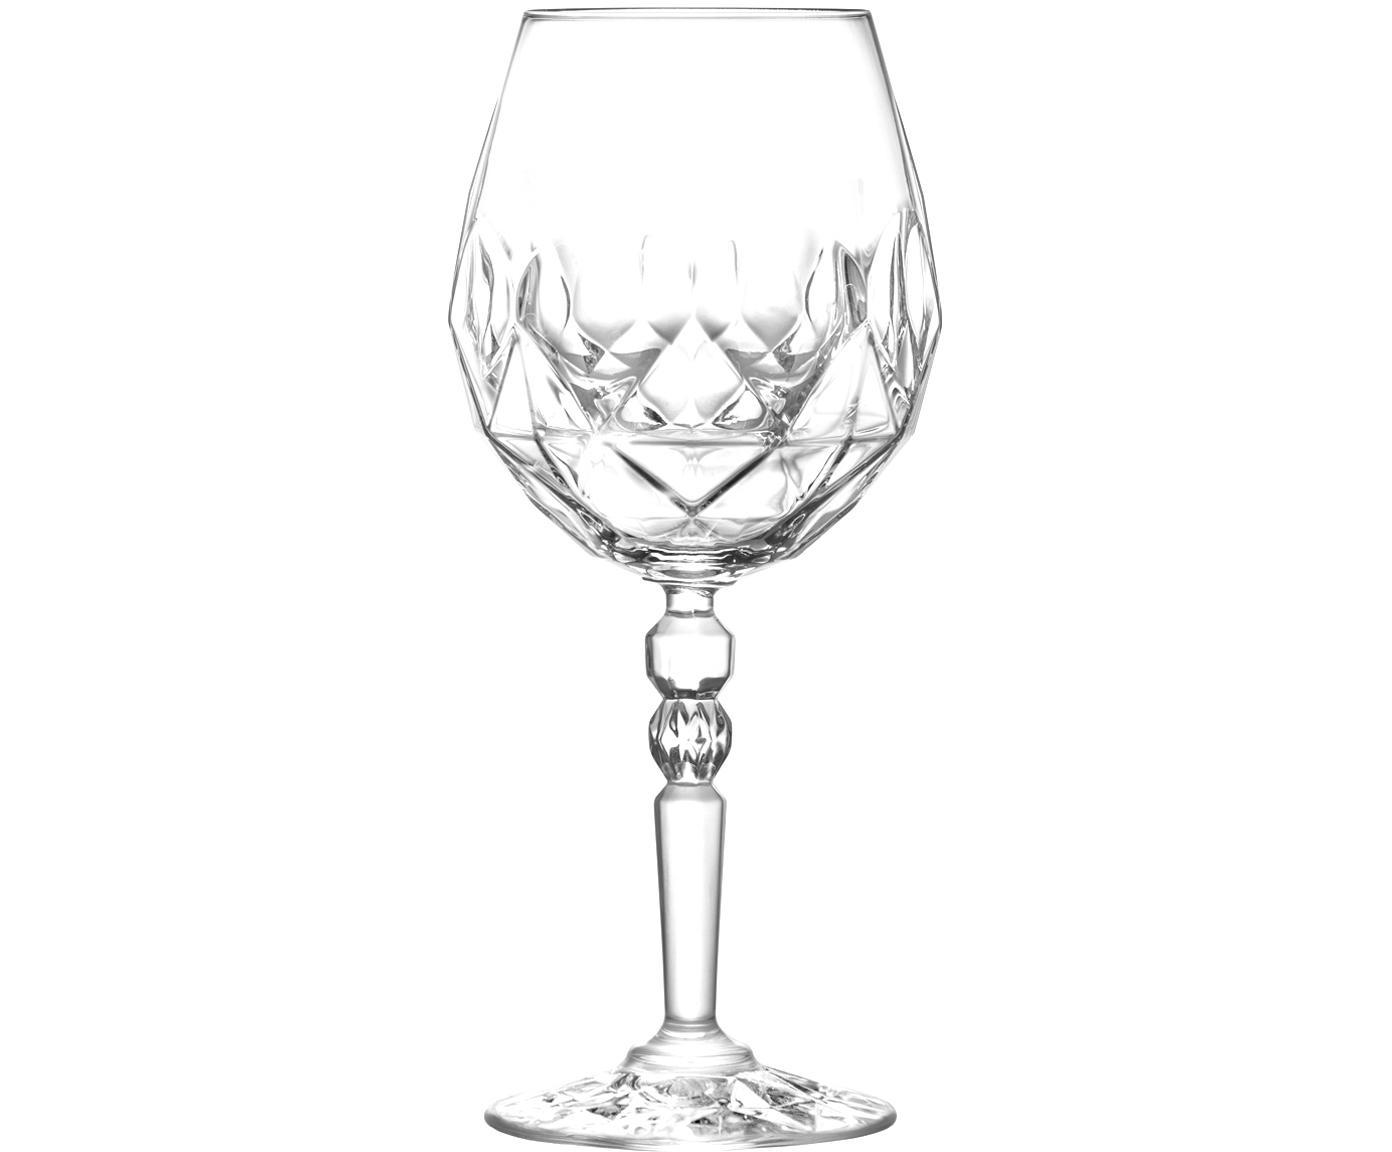 Copas de vino tinto de cristal Calicia, 6uds., Cristal, Transparente, Ø 10 x Al 23 cm